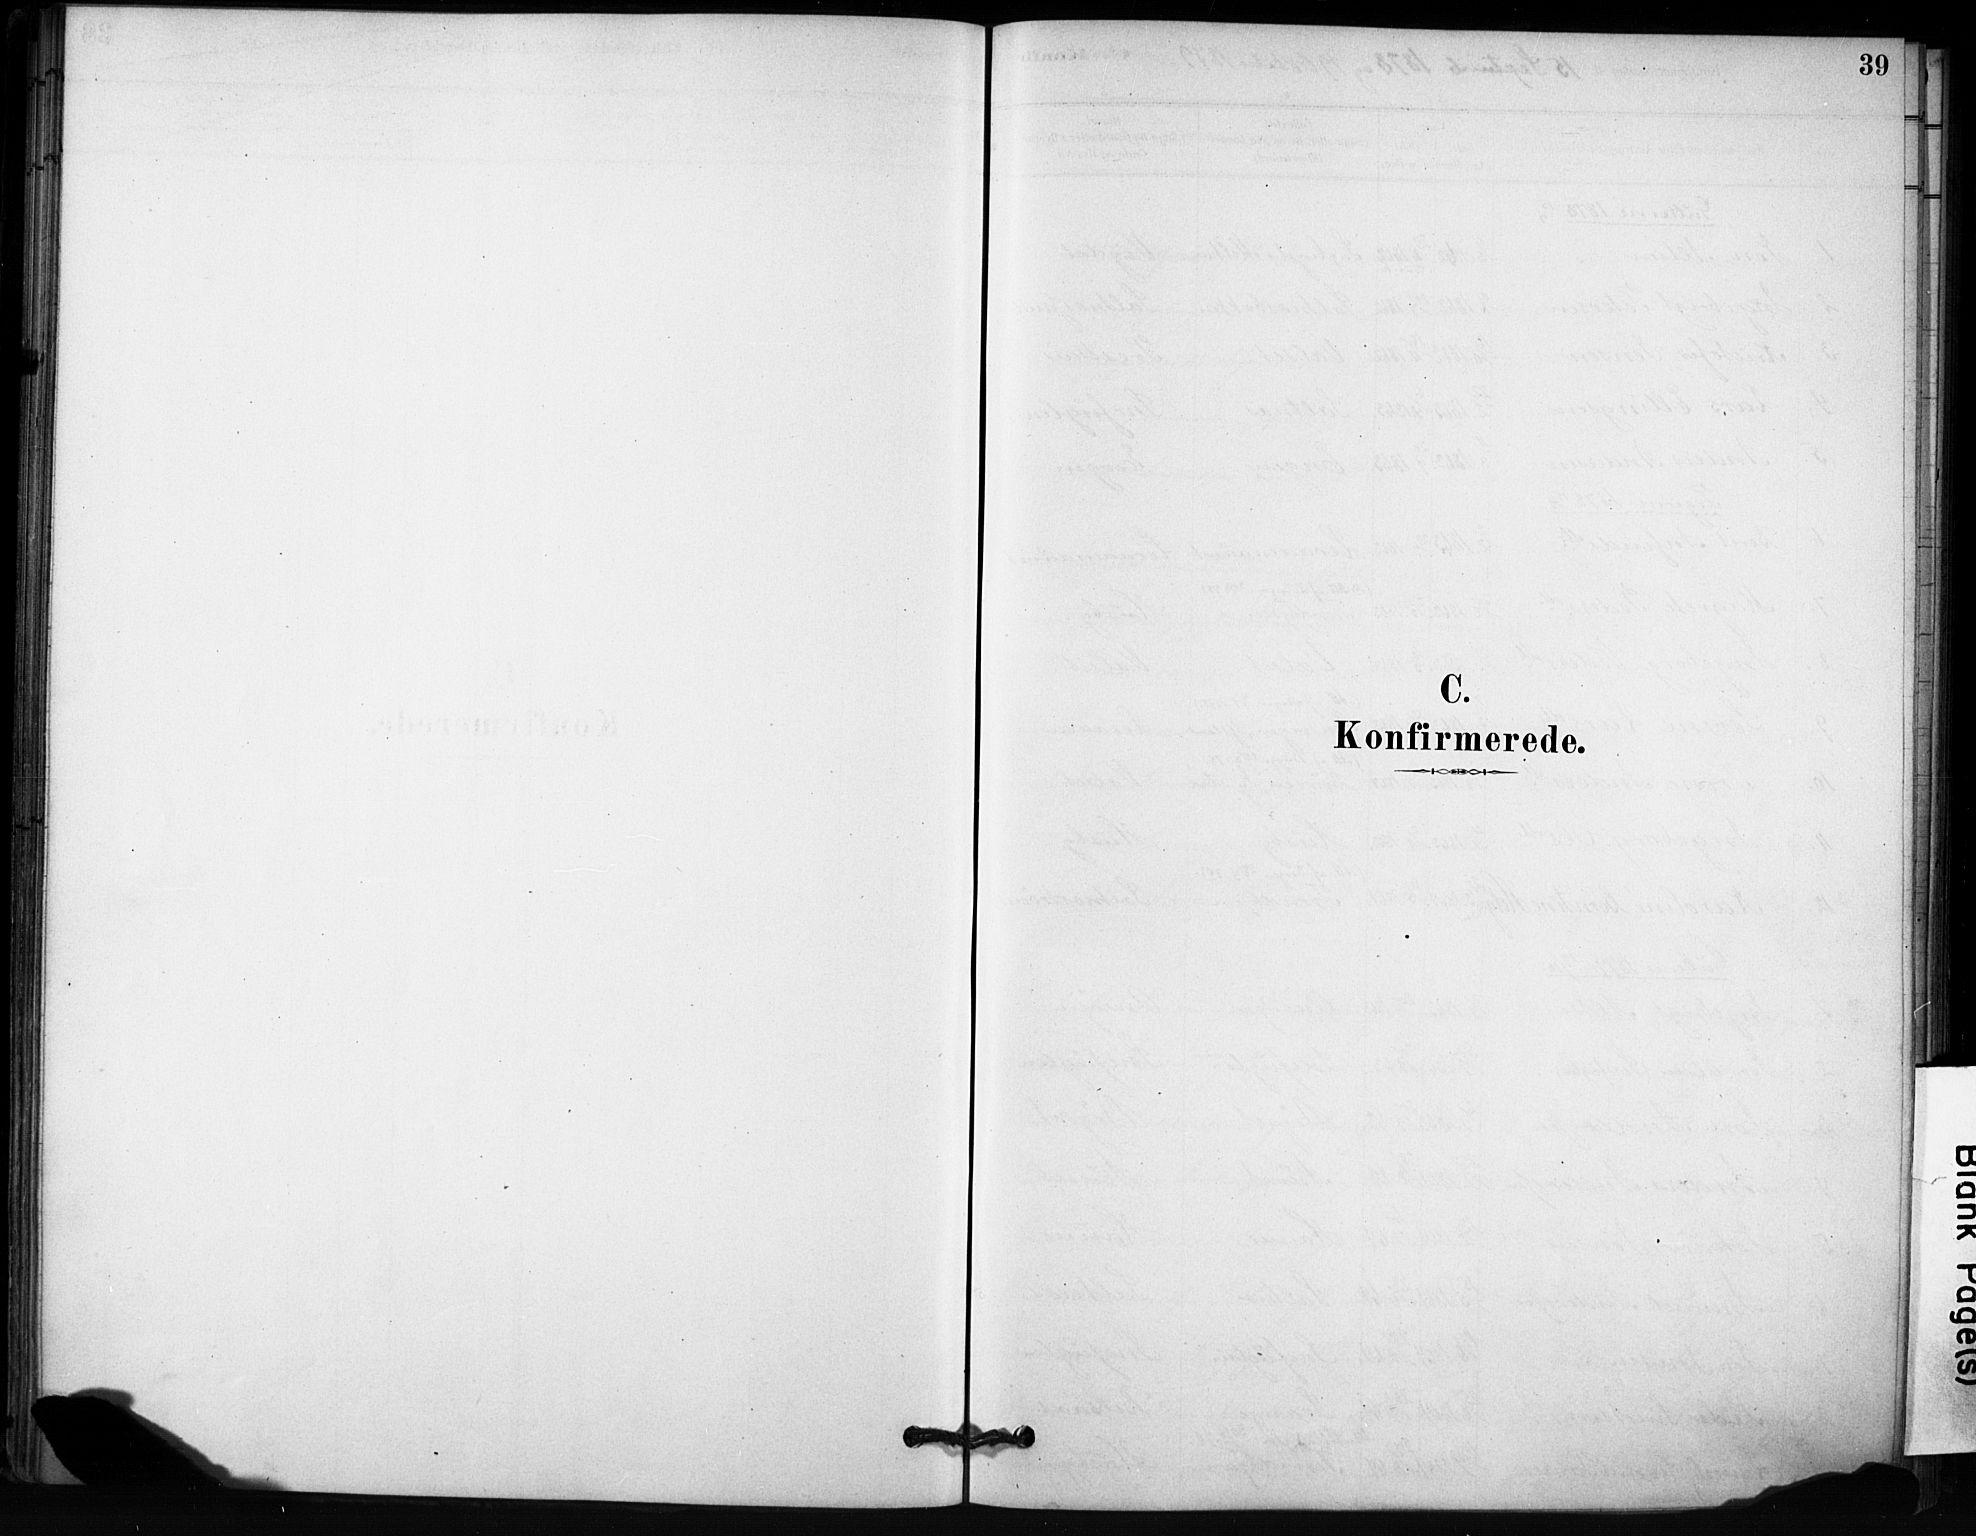 SAT, Ministerialprotokoller, klokkerbøker og fødselsregistre - Sør-Trøndelag, 666/L0786: Ministerialbok nr. 666A04, 1878-1895, s. 39